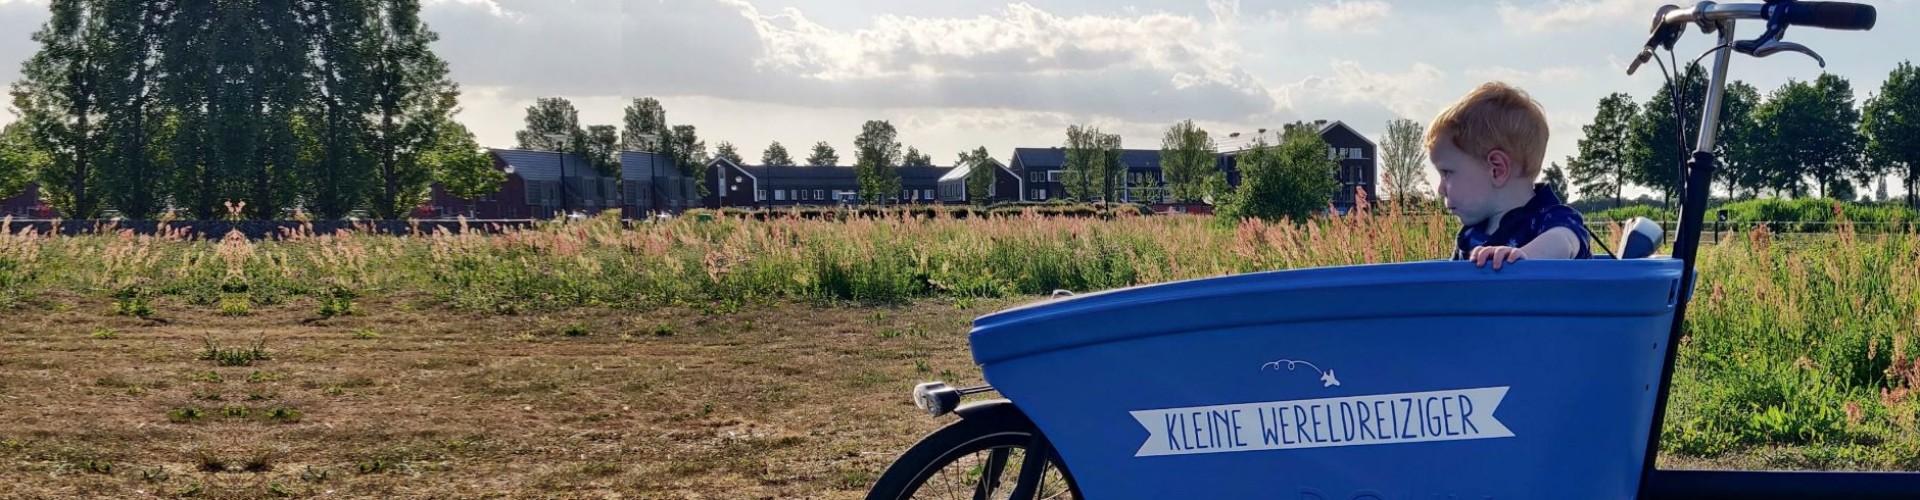 De Maashorst in Noord-Brabant